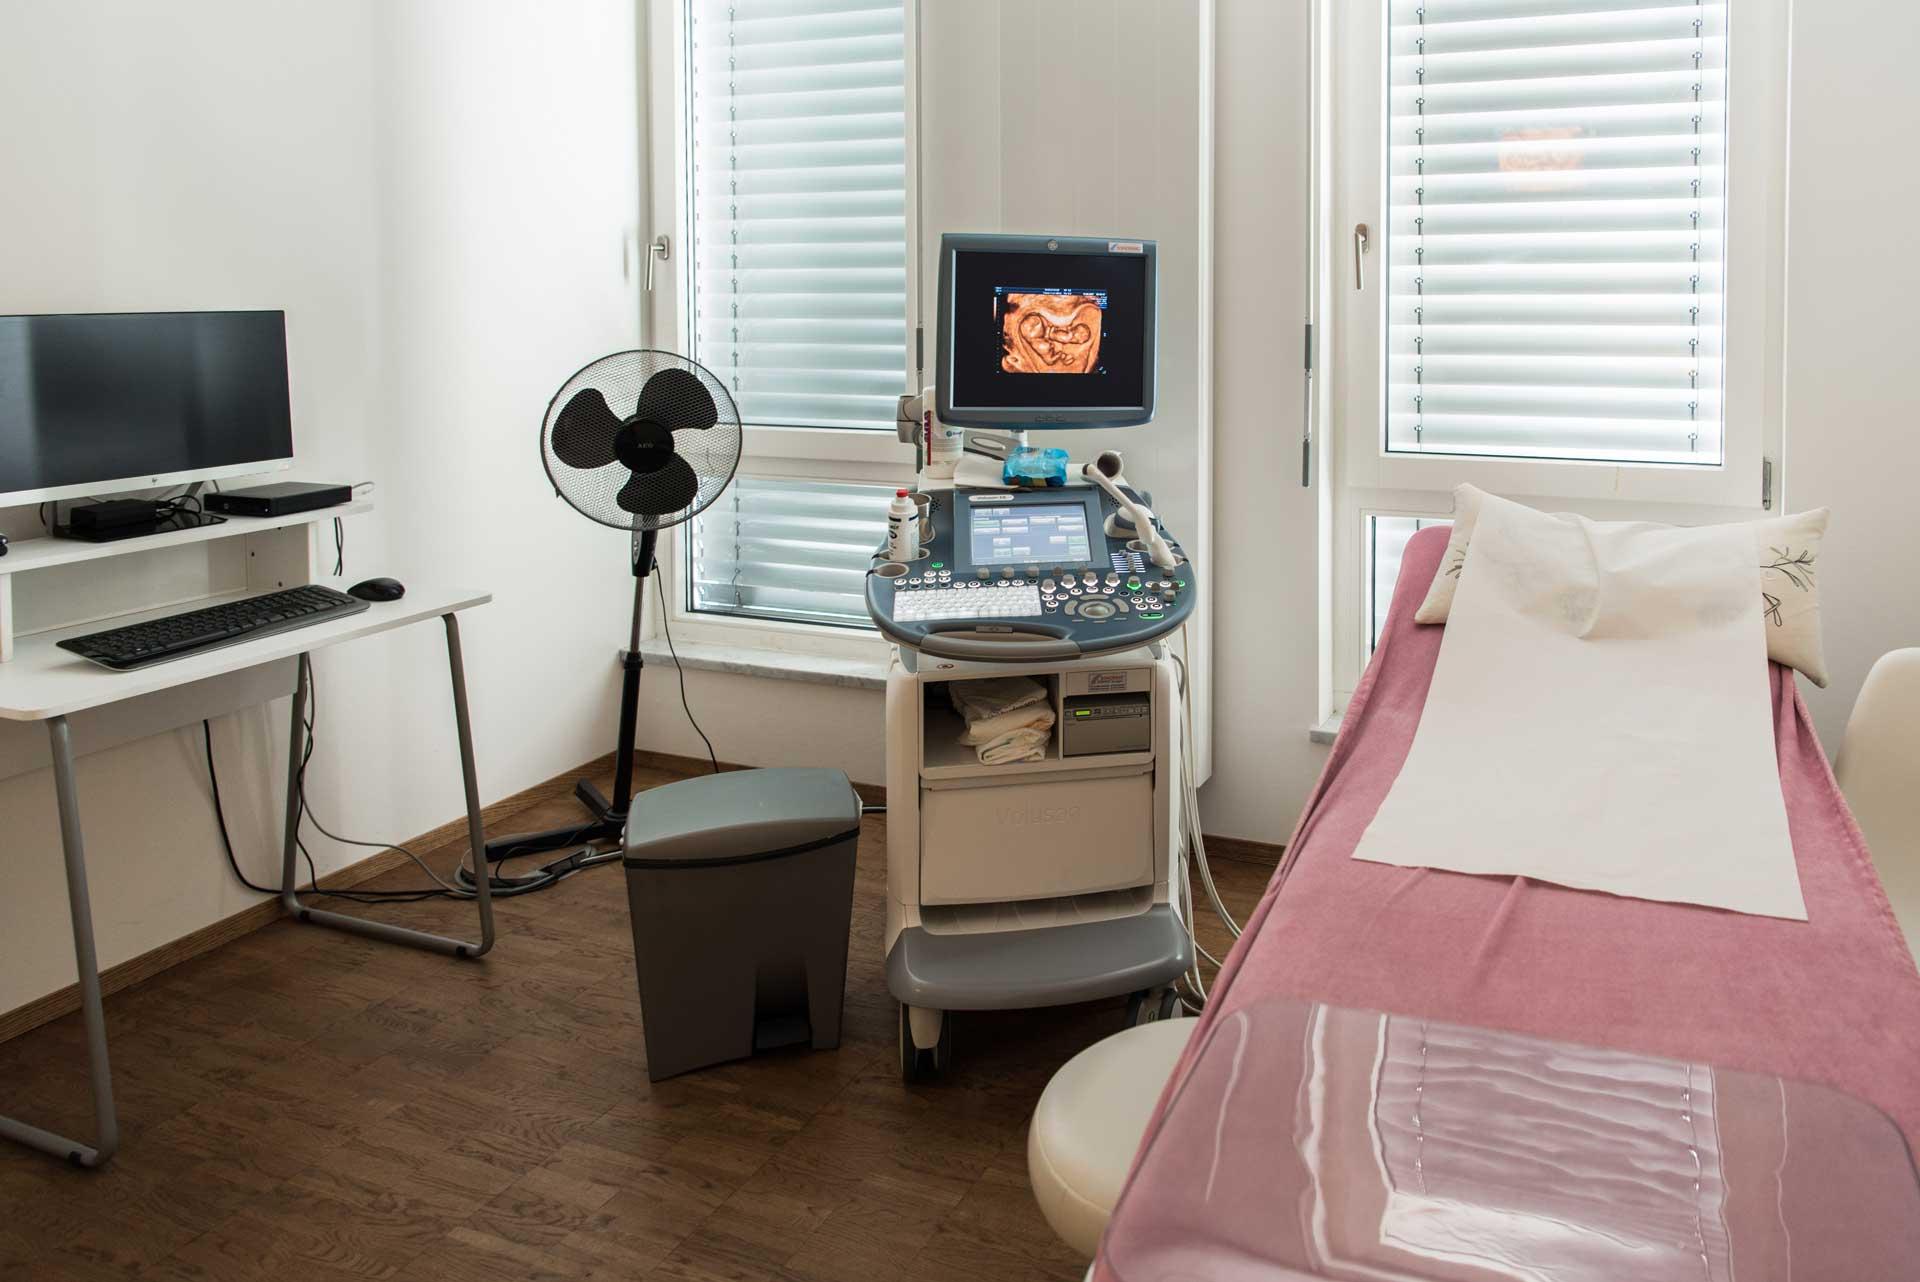 Praxis Dr. Frommlet Untersuchungsraum mit Ultraschallgerät und Liege